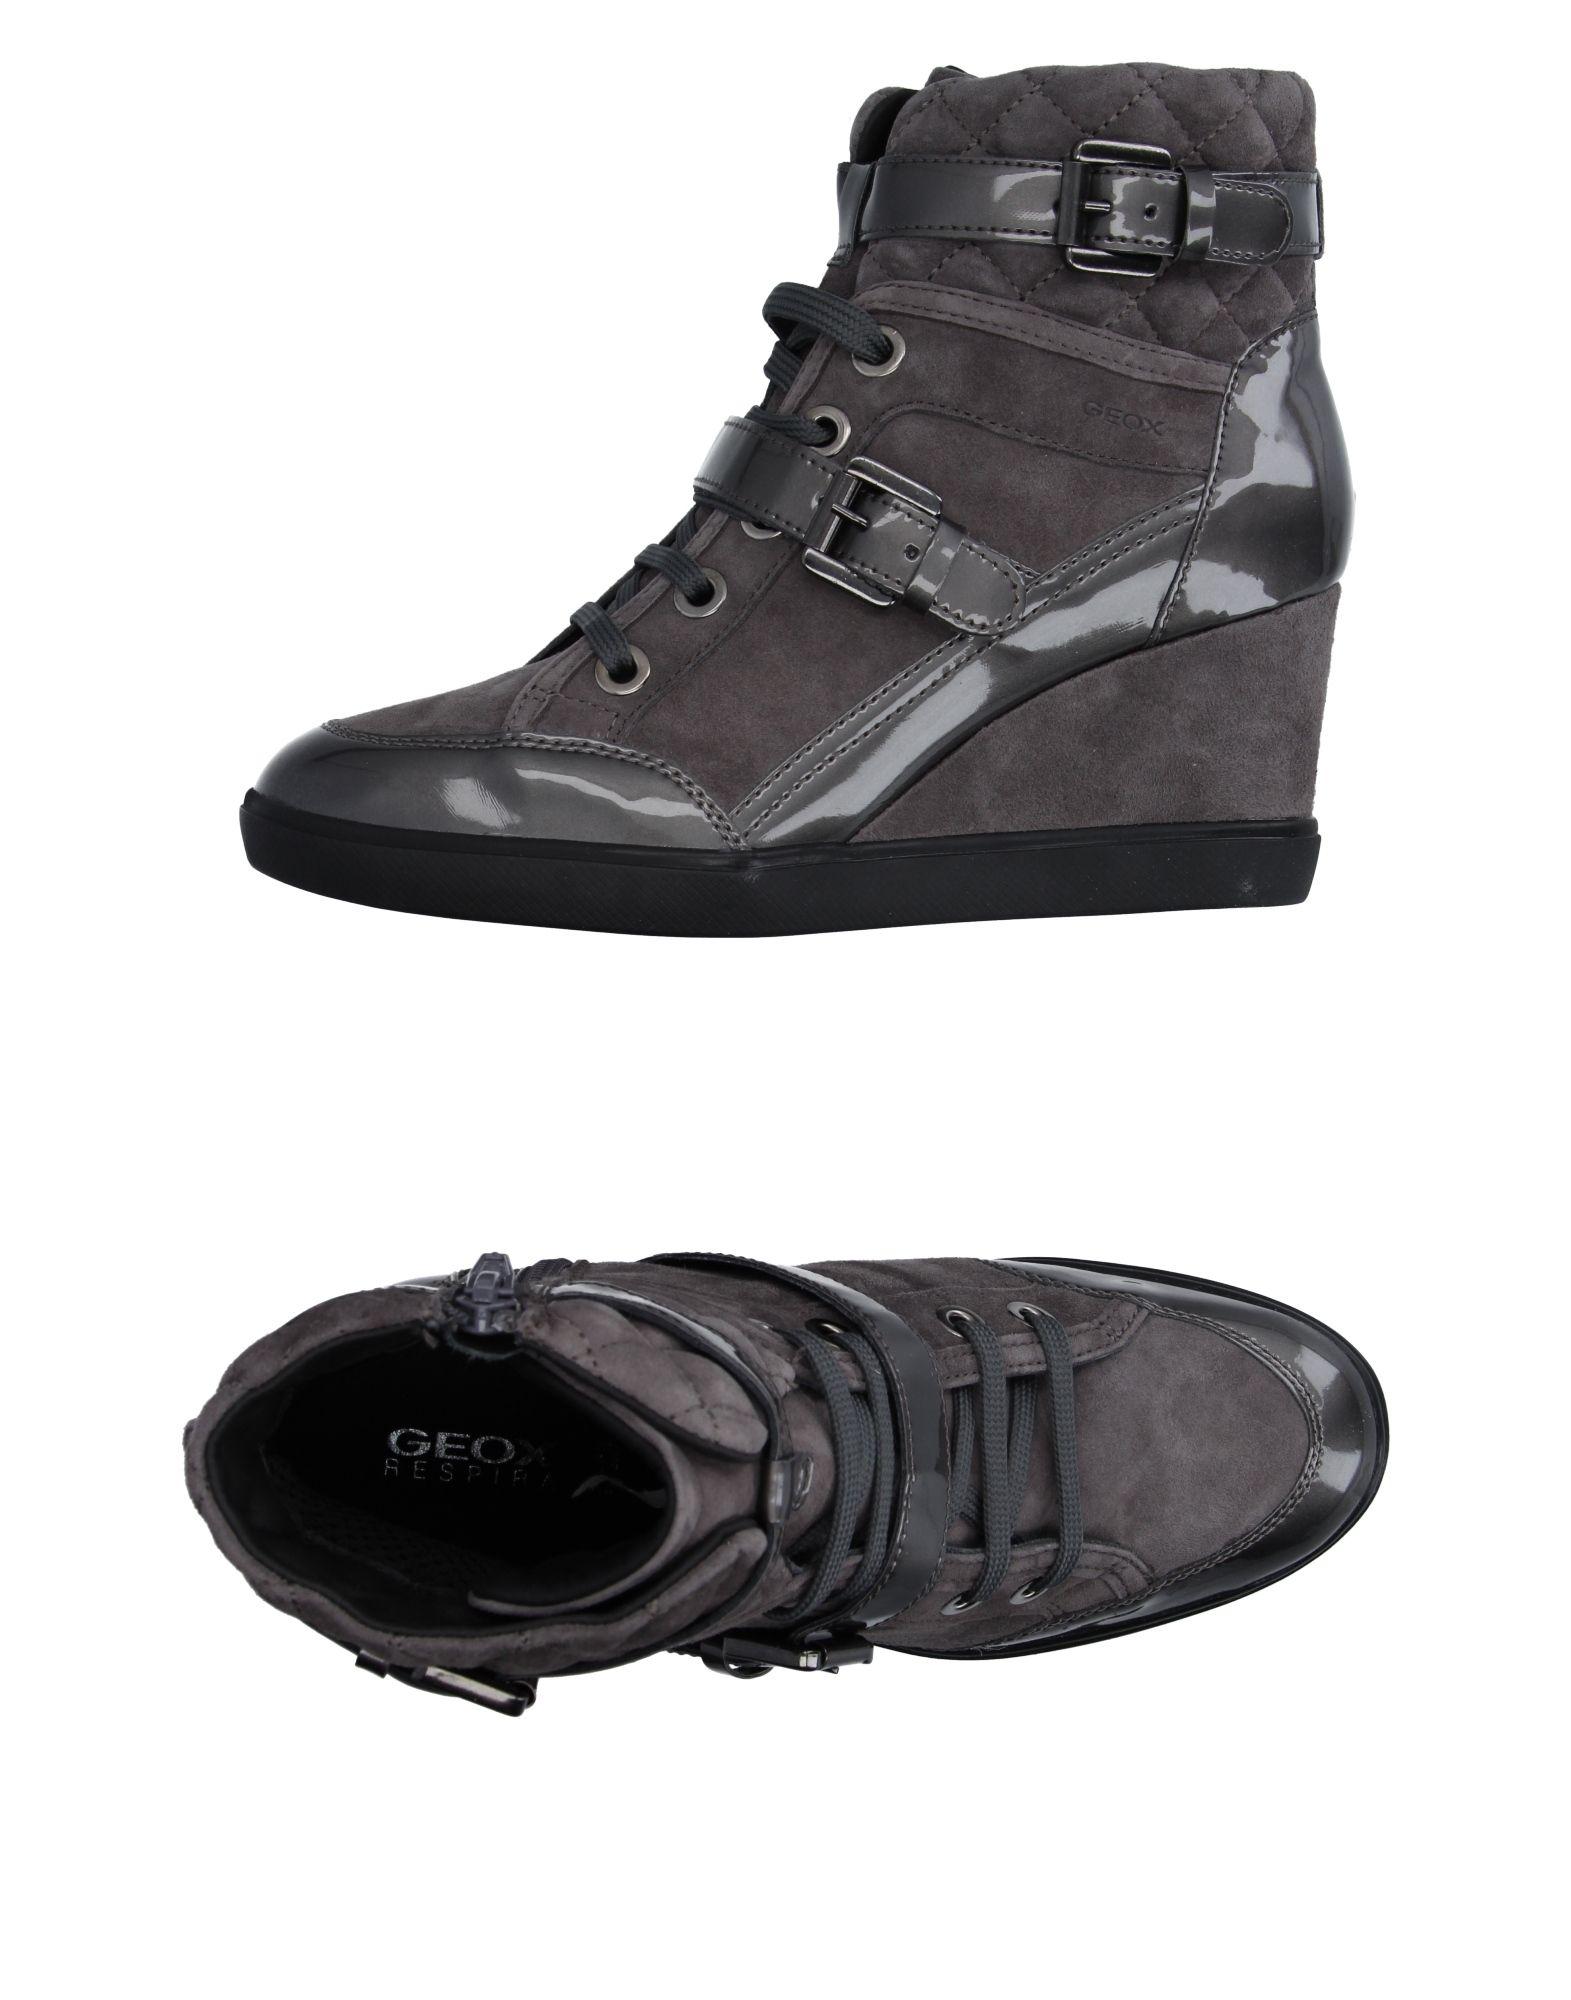 Geox Sneakers Damen Damen Sneakers  11110936BK f52c7f